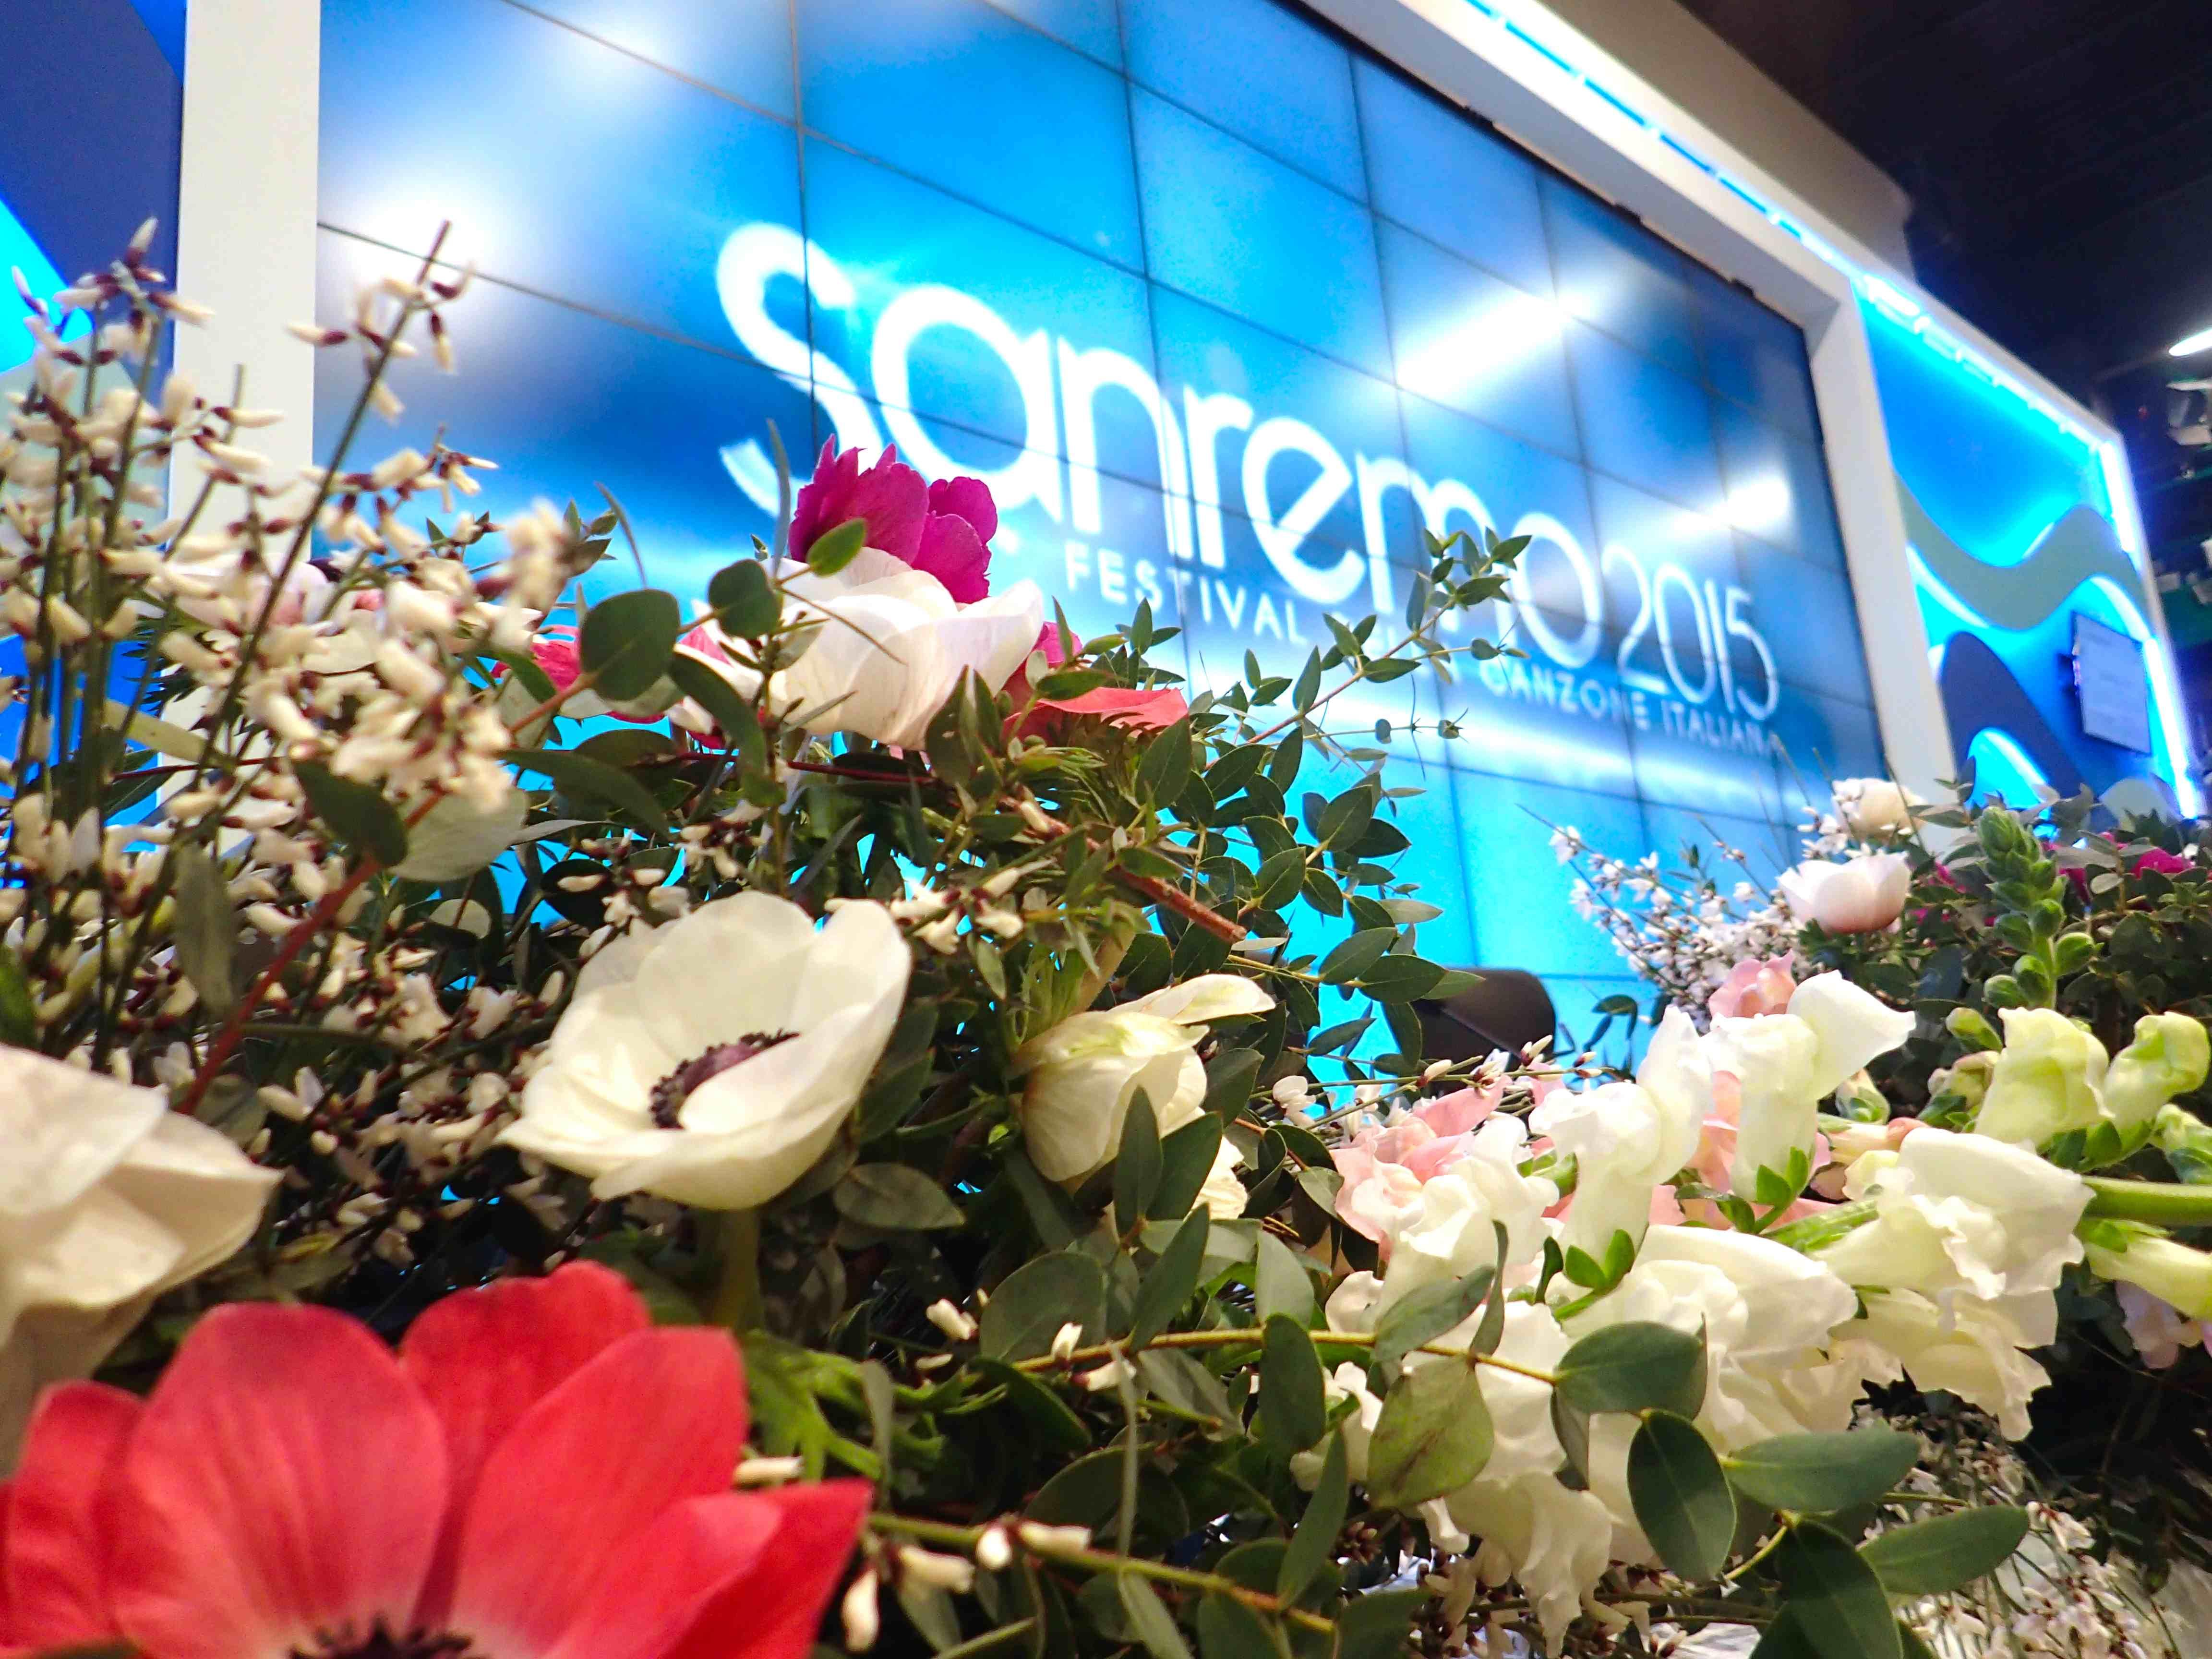 Gli esercenti potranno posizionare vasi di fiori, fioriere o addobbi all'esterno dei propri negozi